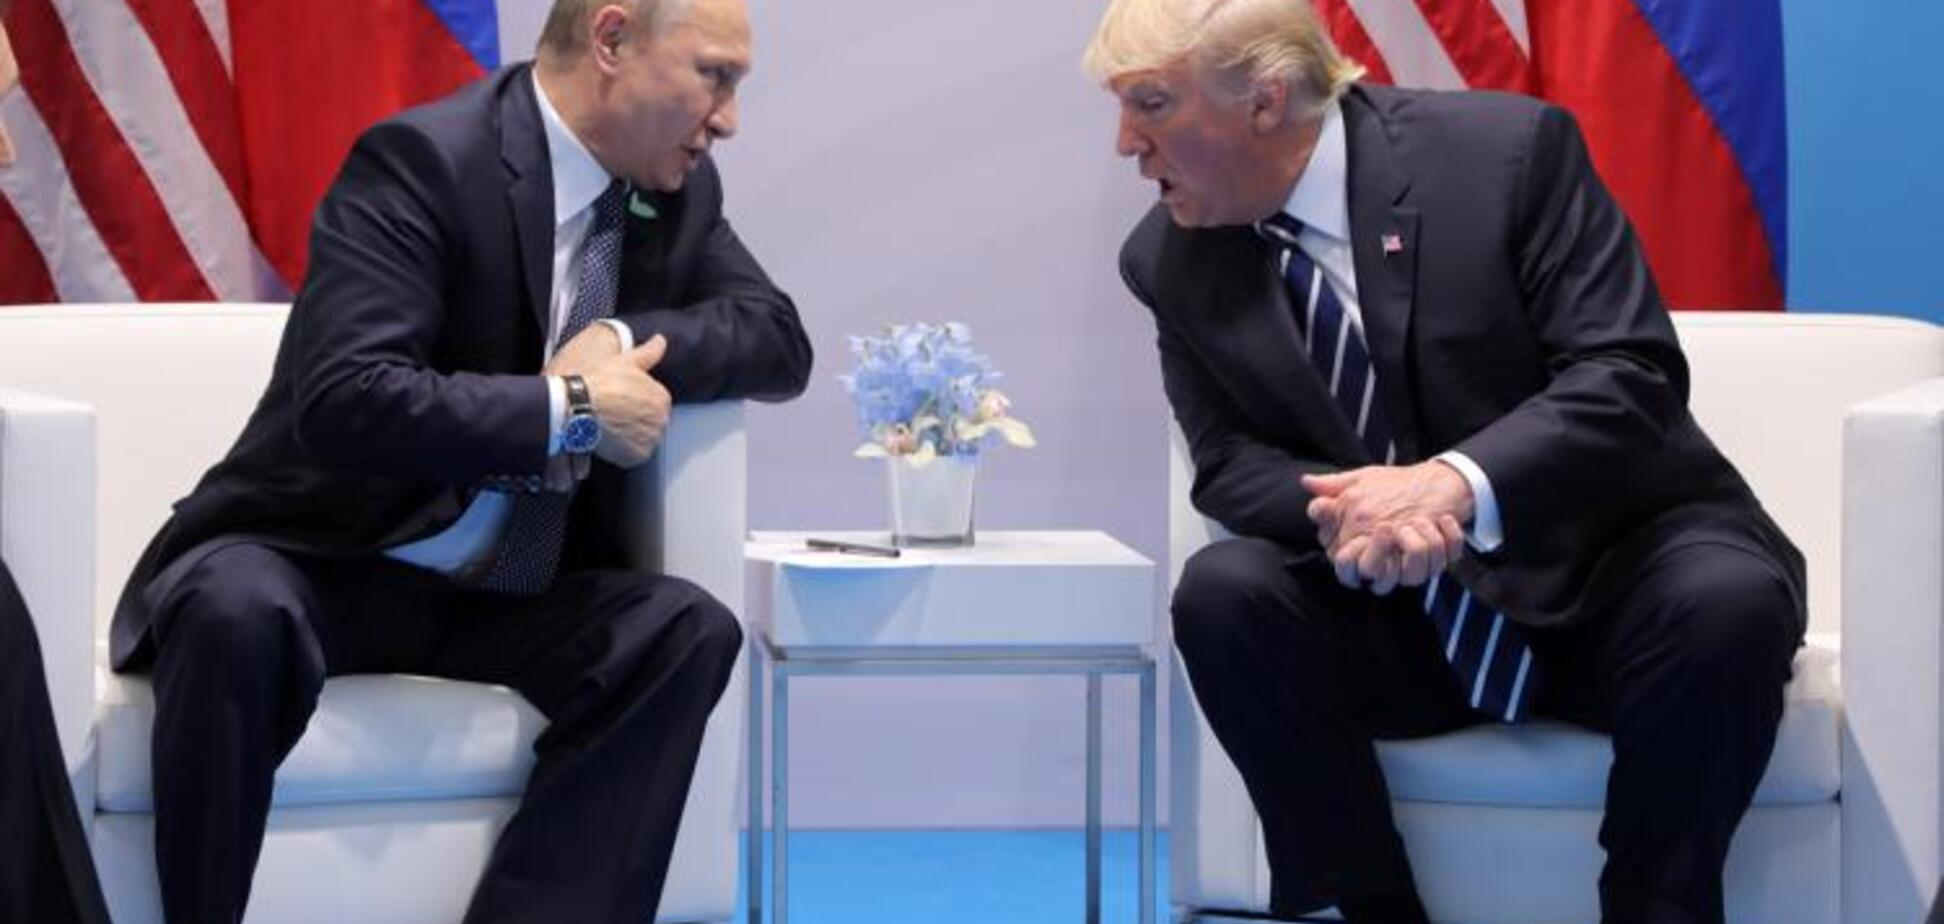 Багато честі: в США пояснили, що стоїть за 'запрошенням' Путіна в Білий дім